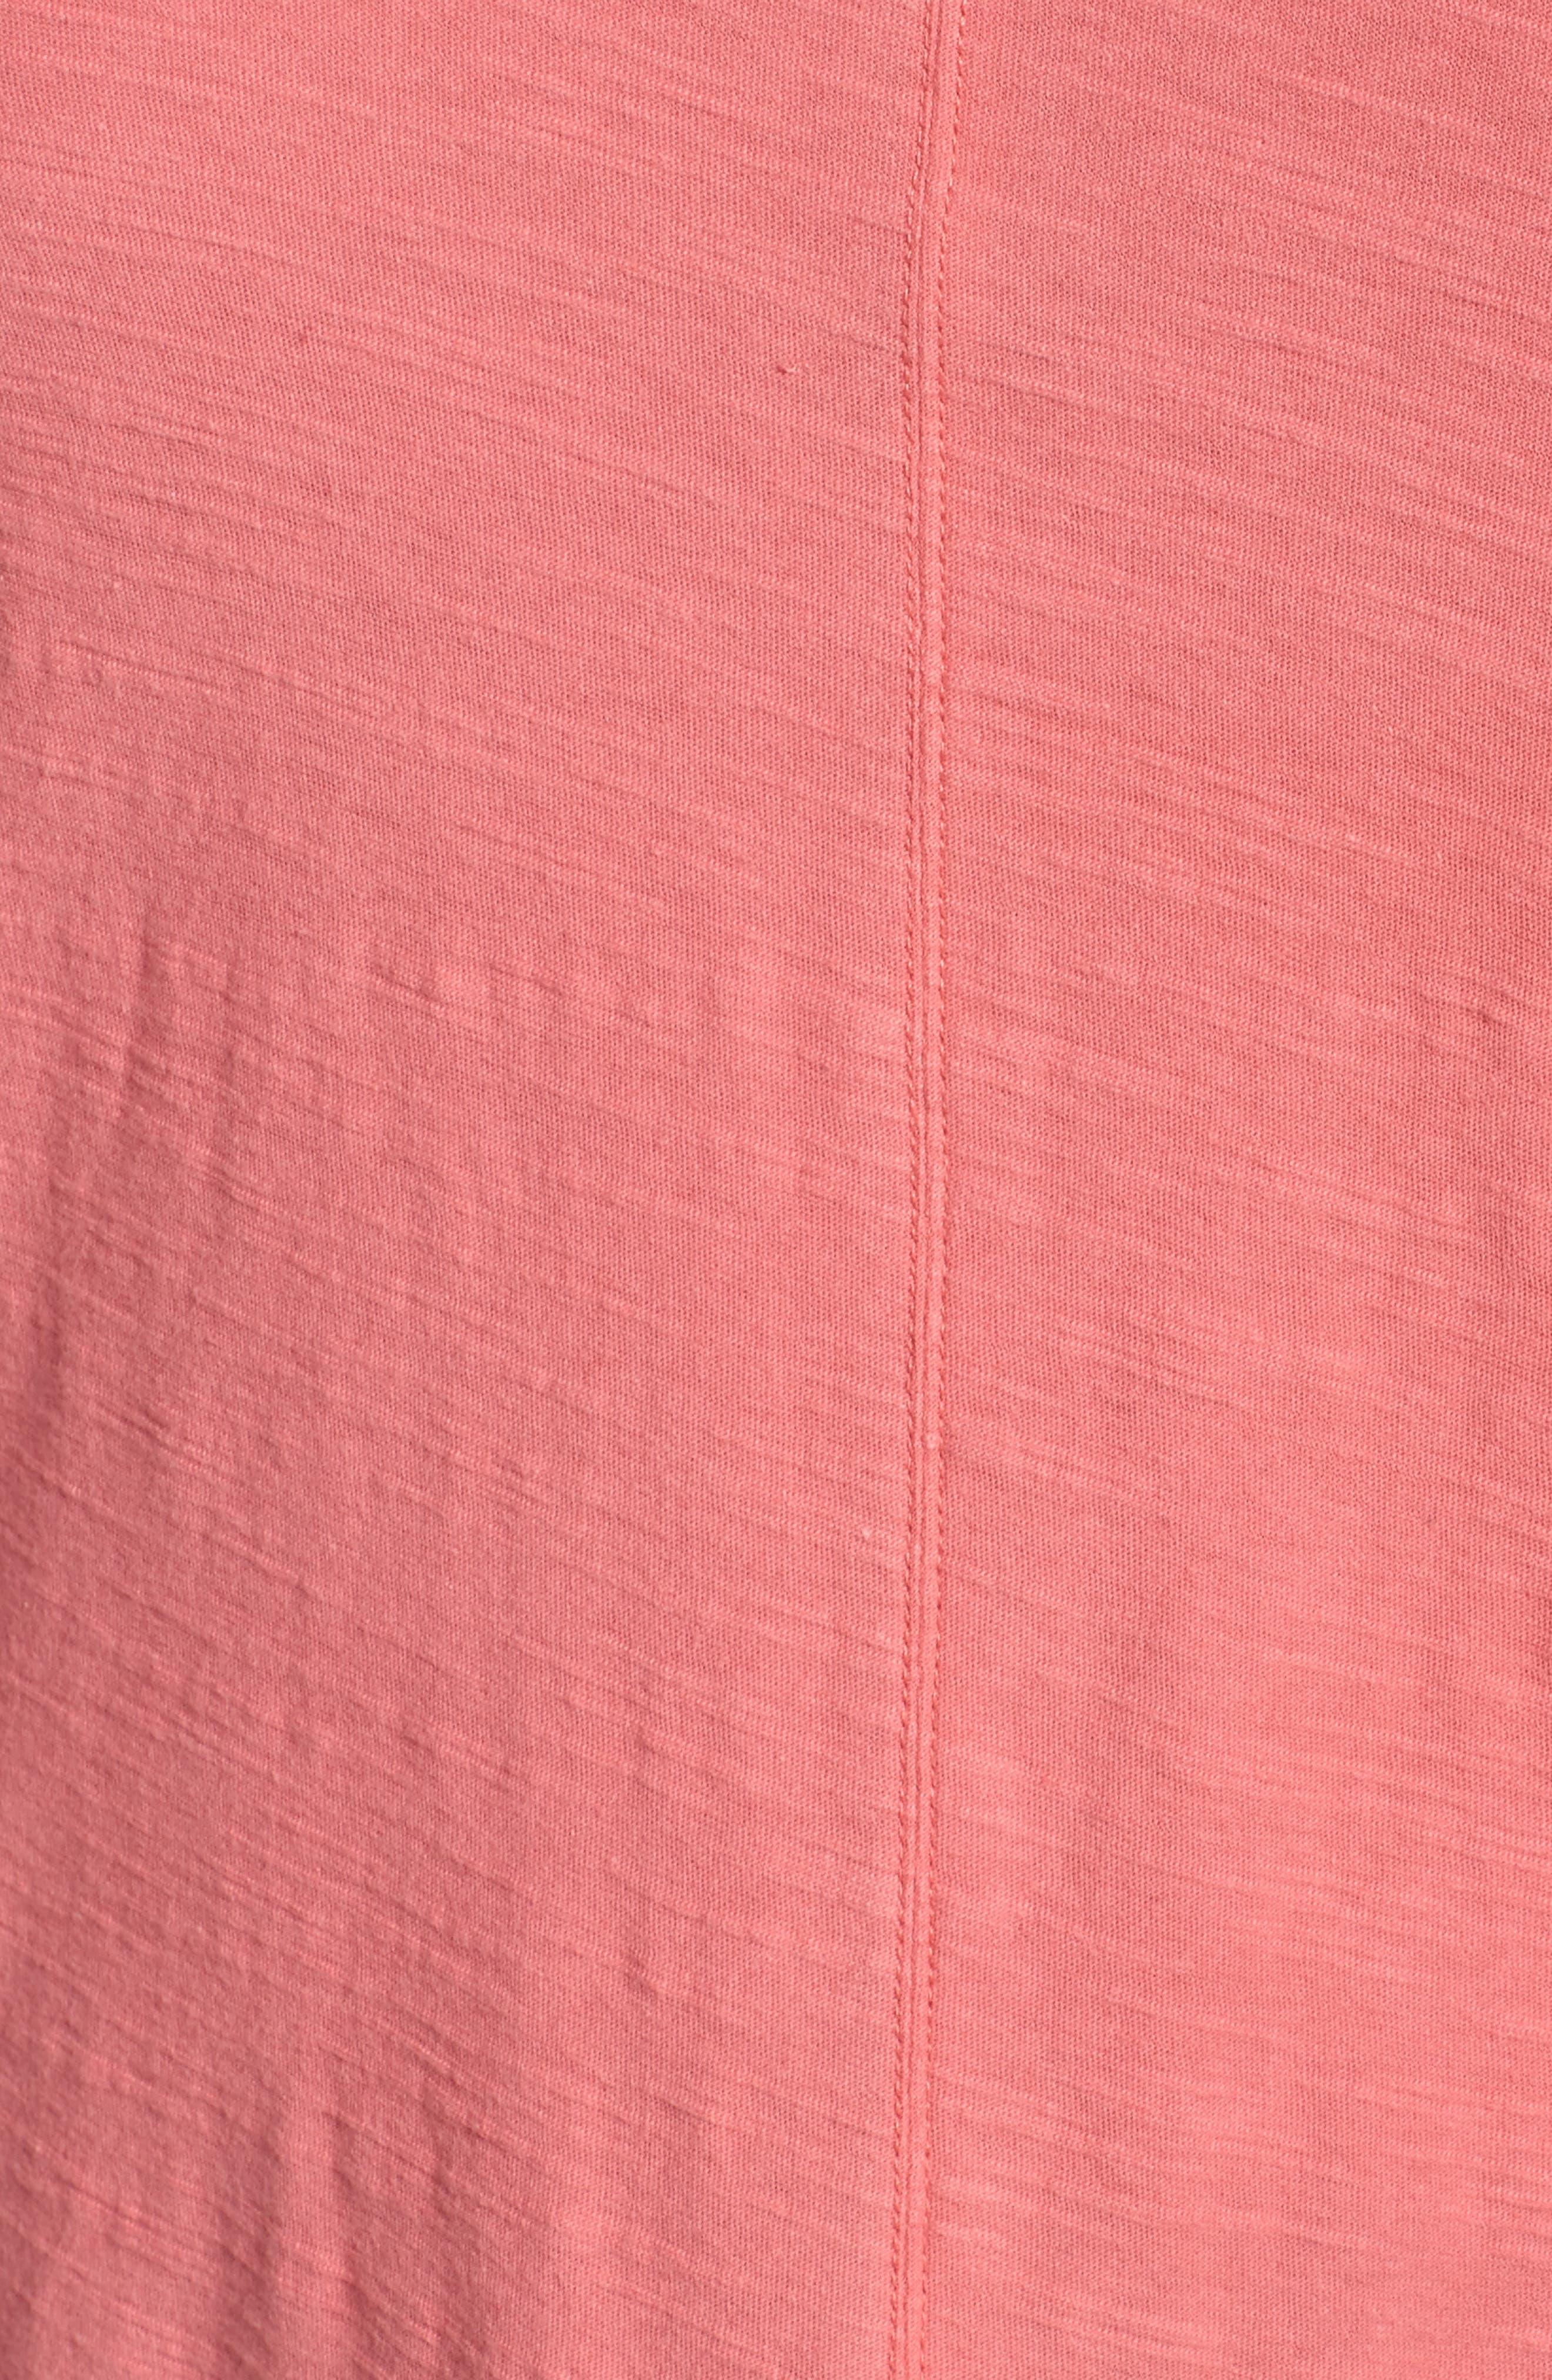 Lightweight Cold Shoulder Top,                             Alternate thumbnail 5, color,                             685